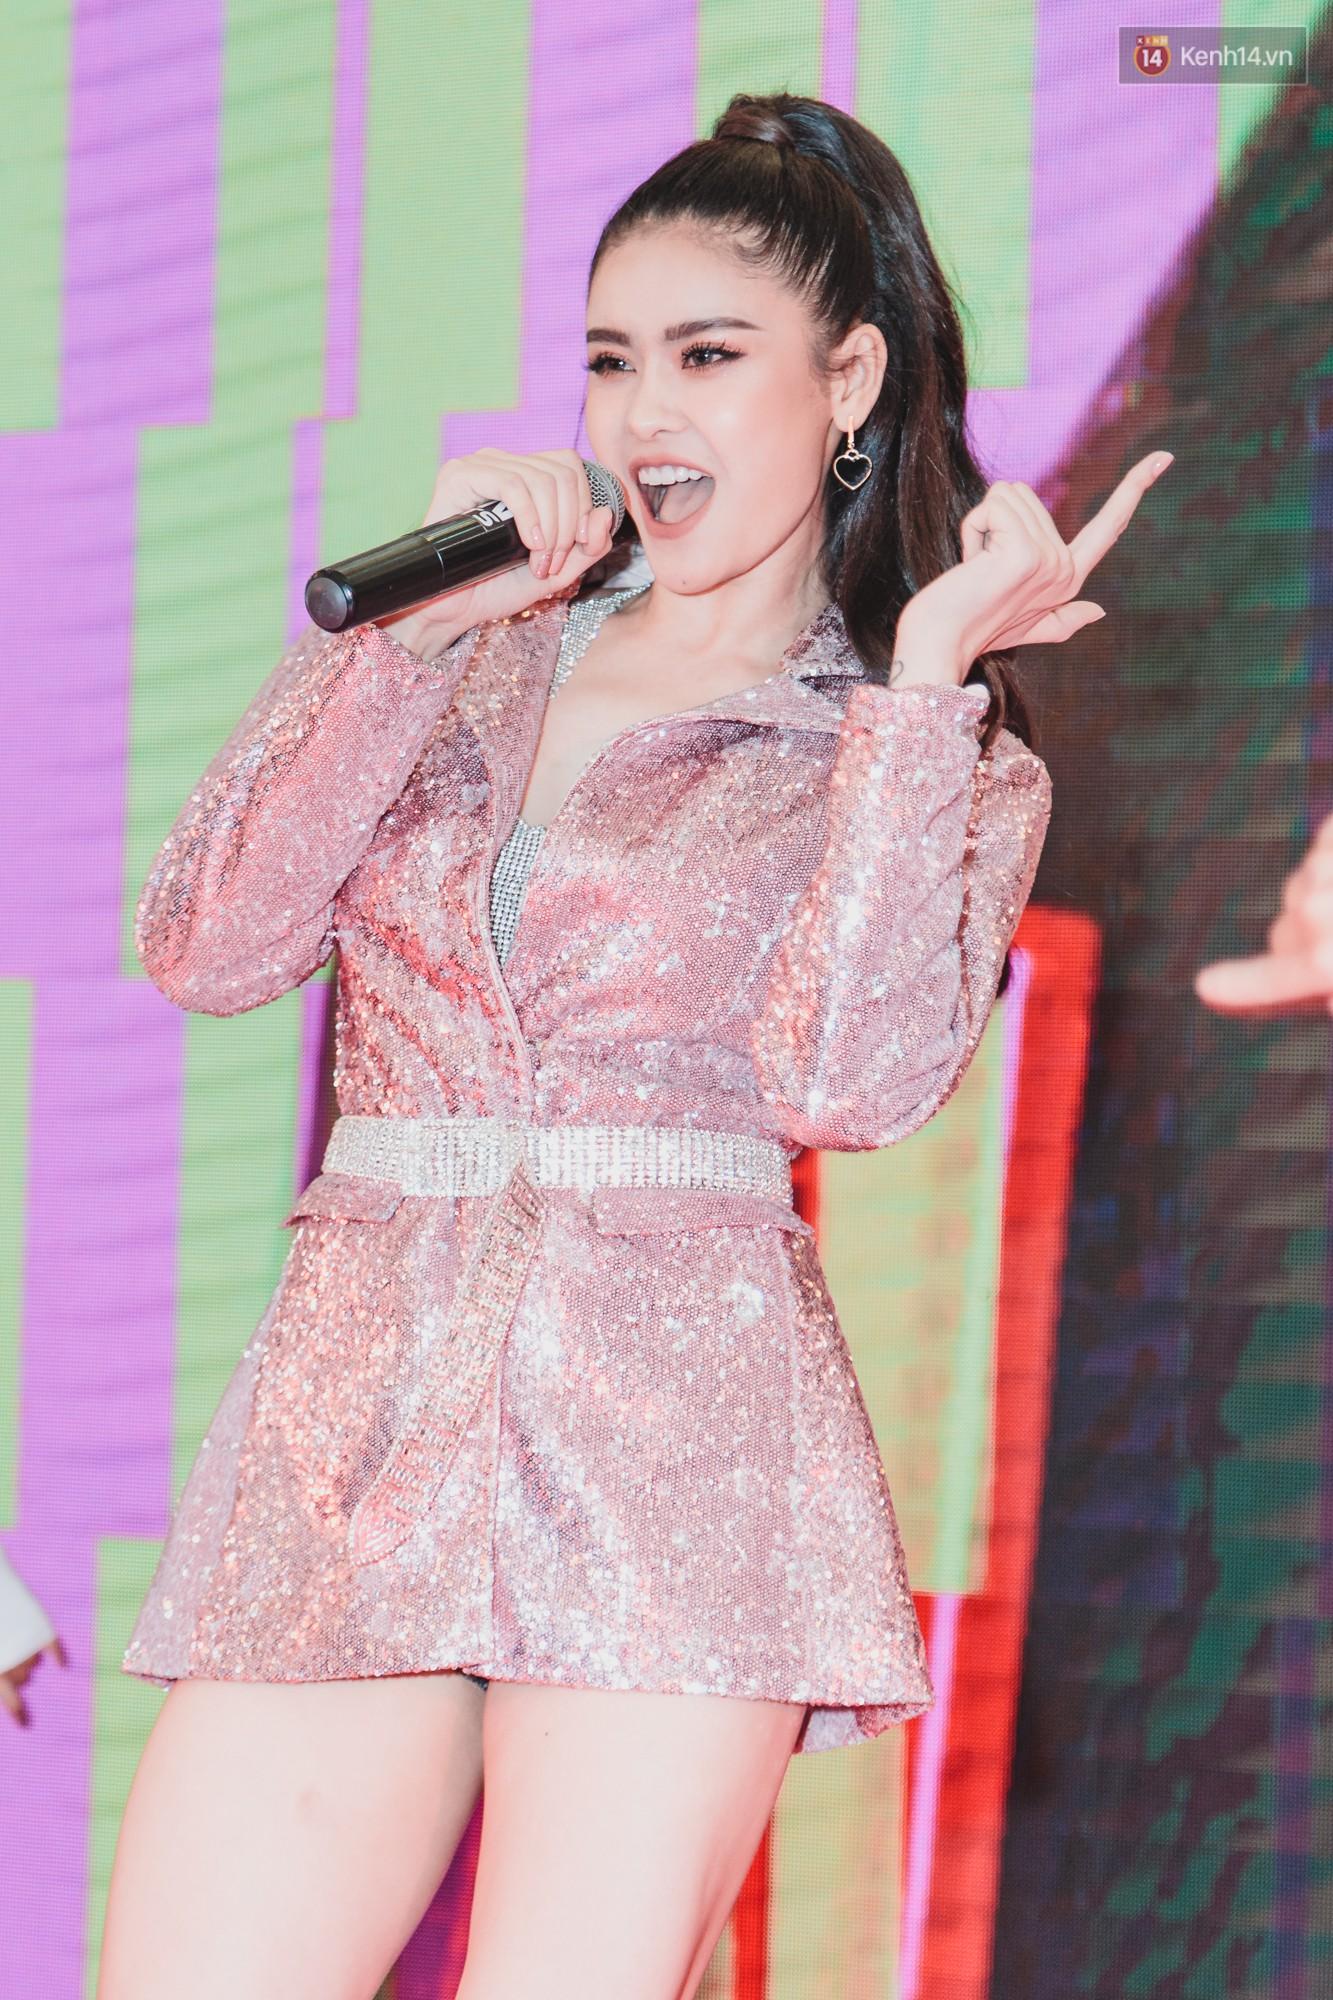 Đã lâu rồi, khán giả mới lại thấy Trương Quỳnh Anh biểu diễn sung thế này sau thời gian trục trặc hôn nhân - Ảnh 3.